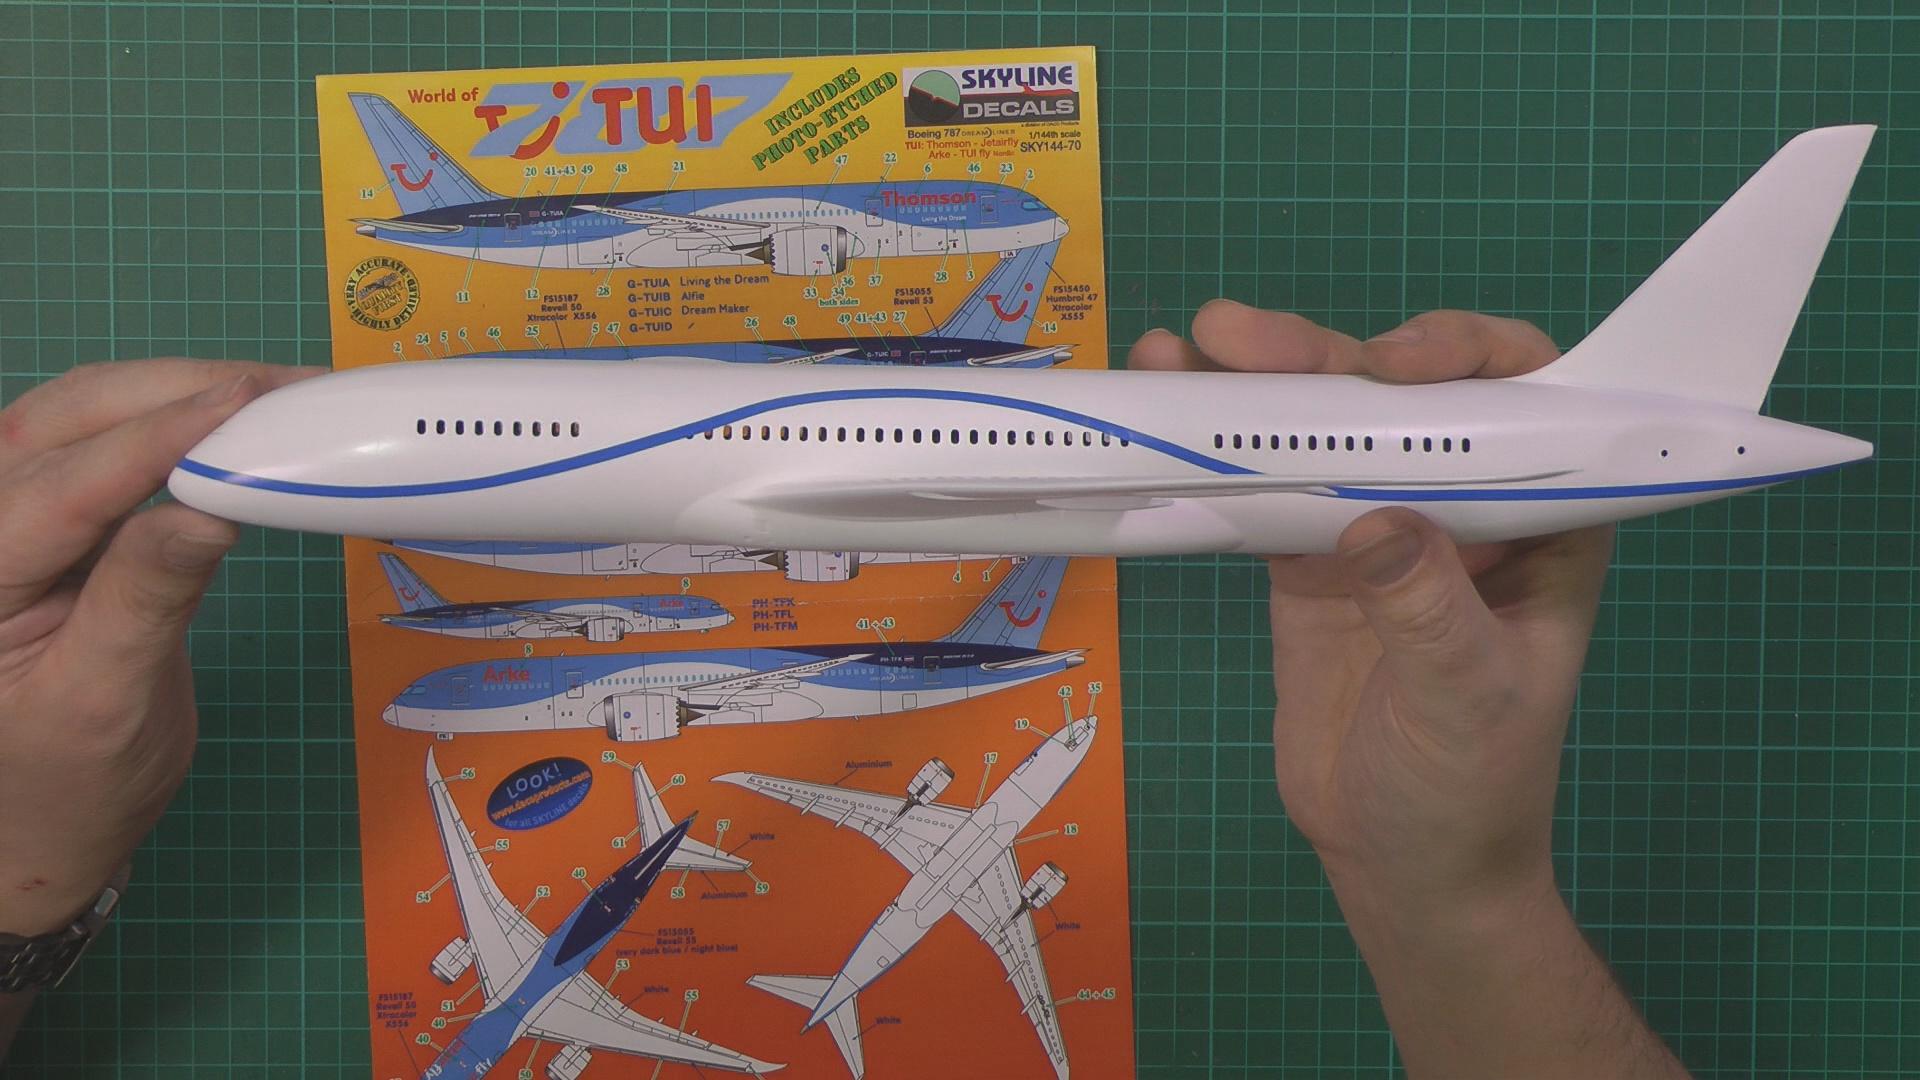 Revell 787 Dreamliner Part 3 PIC 2.jpg